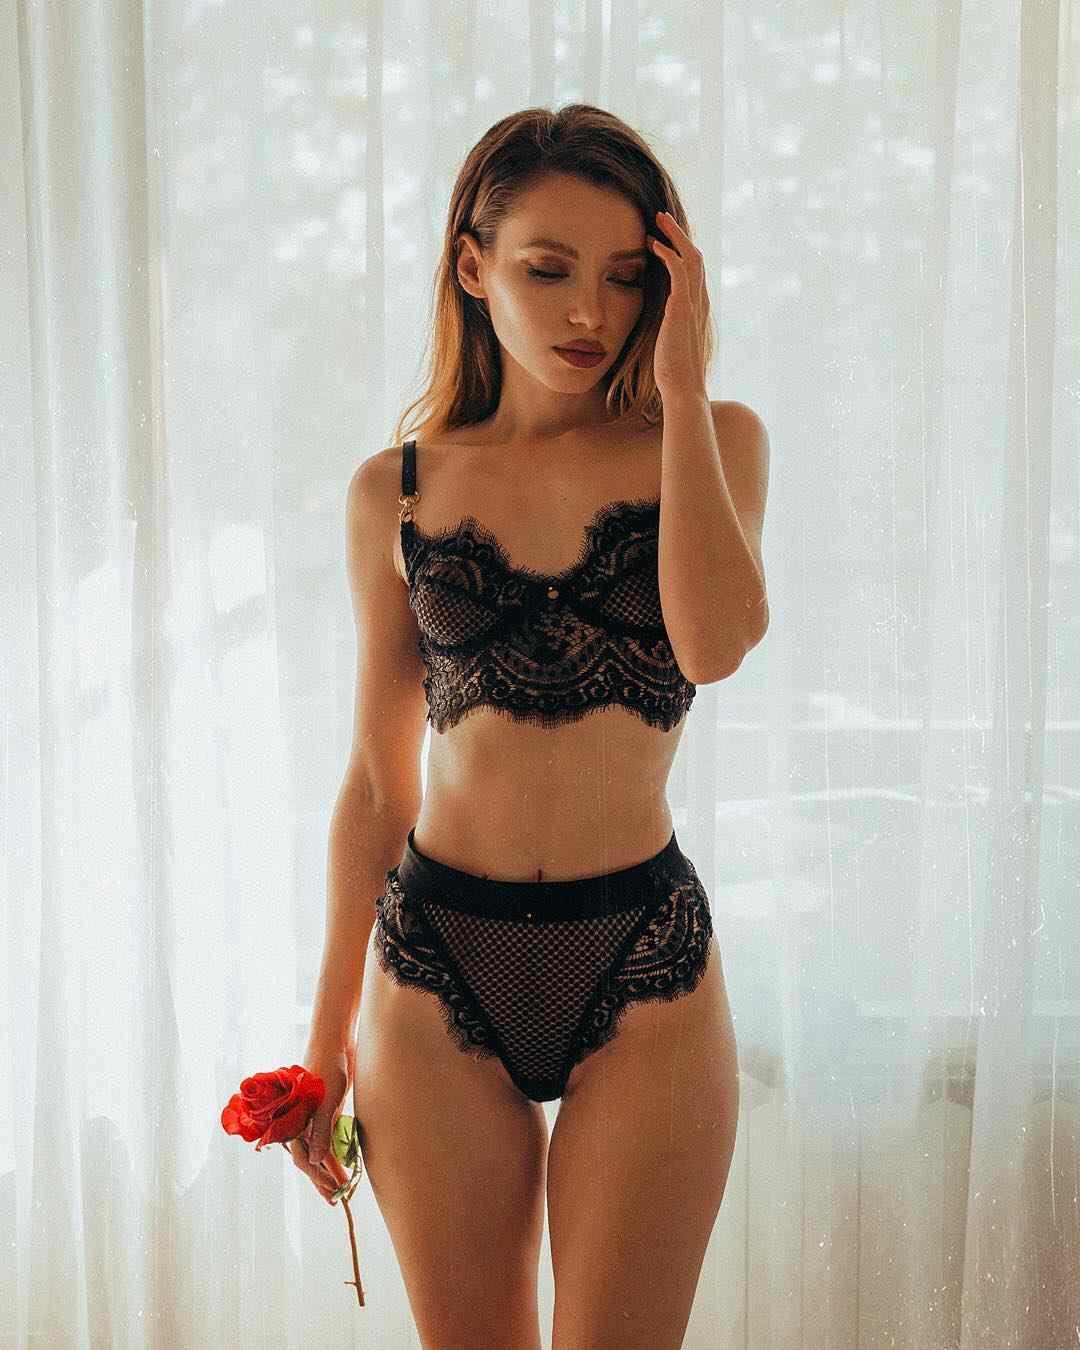 454301c3e Women s Underwear Lingerie Porno Bra And Panty Set Female Sexy Lace Suit  Dessous Gorge Sujetador Lenceria